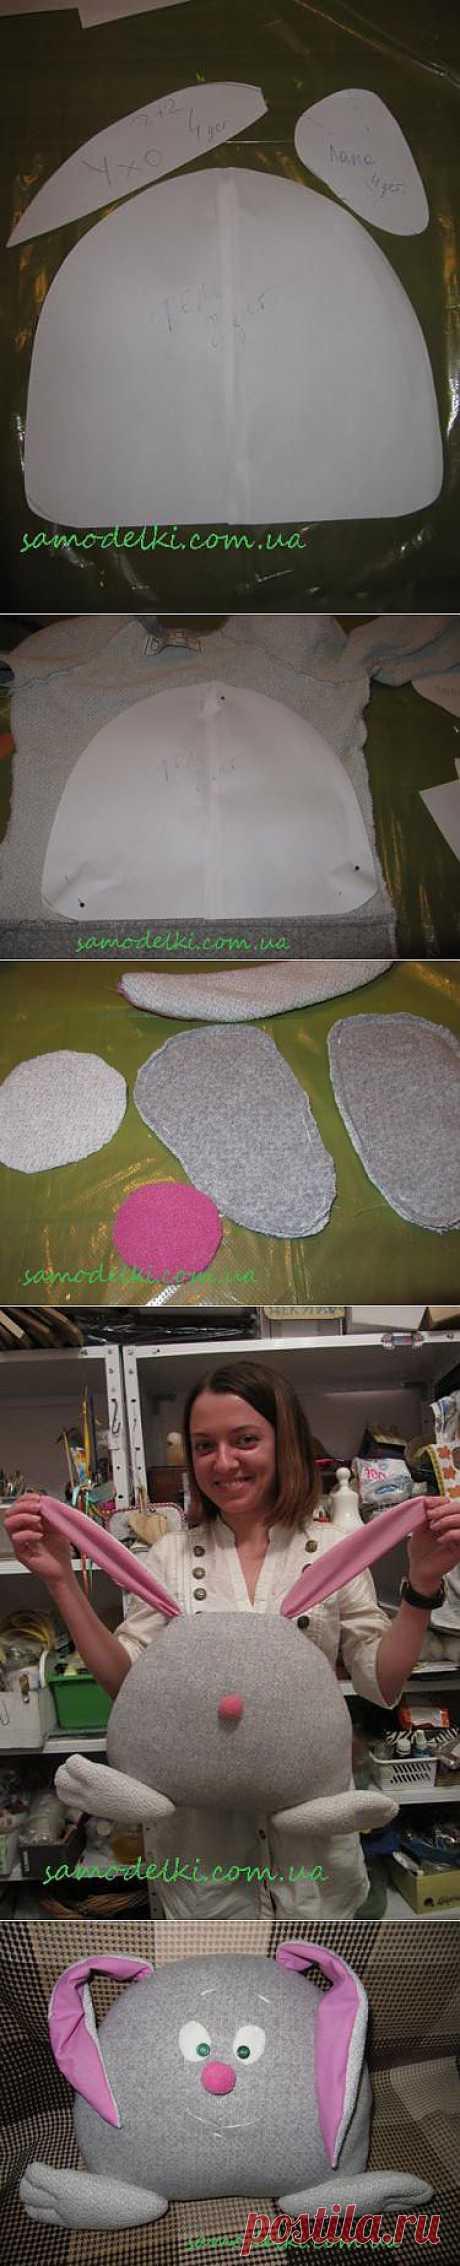 Игрушка-подушка из свитера. Мастер-класс | Самоделки